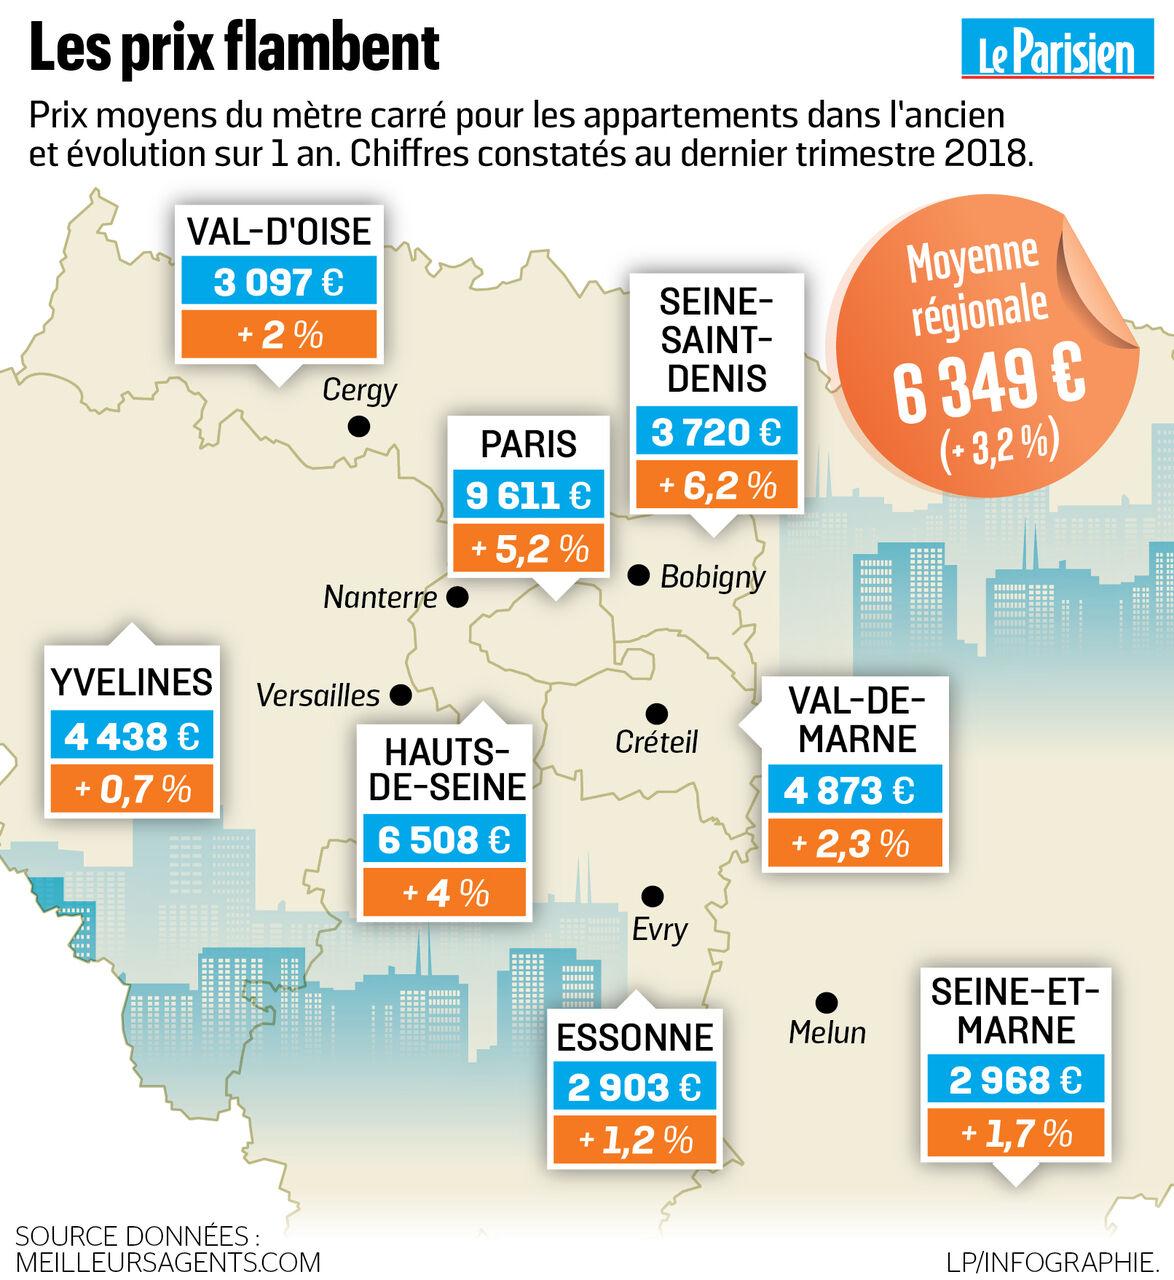 Immobilier En Ile De France Notre Barometre Des Prix Ville Par Ville Le Parisien